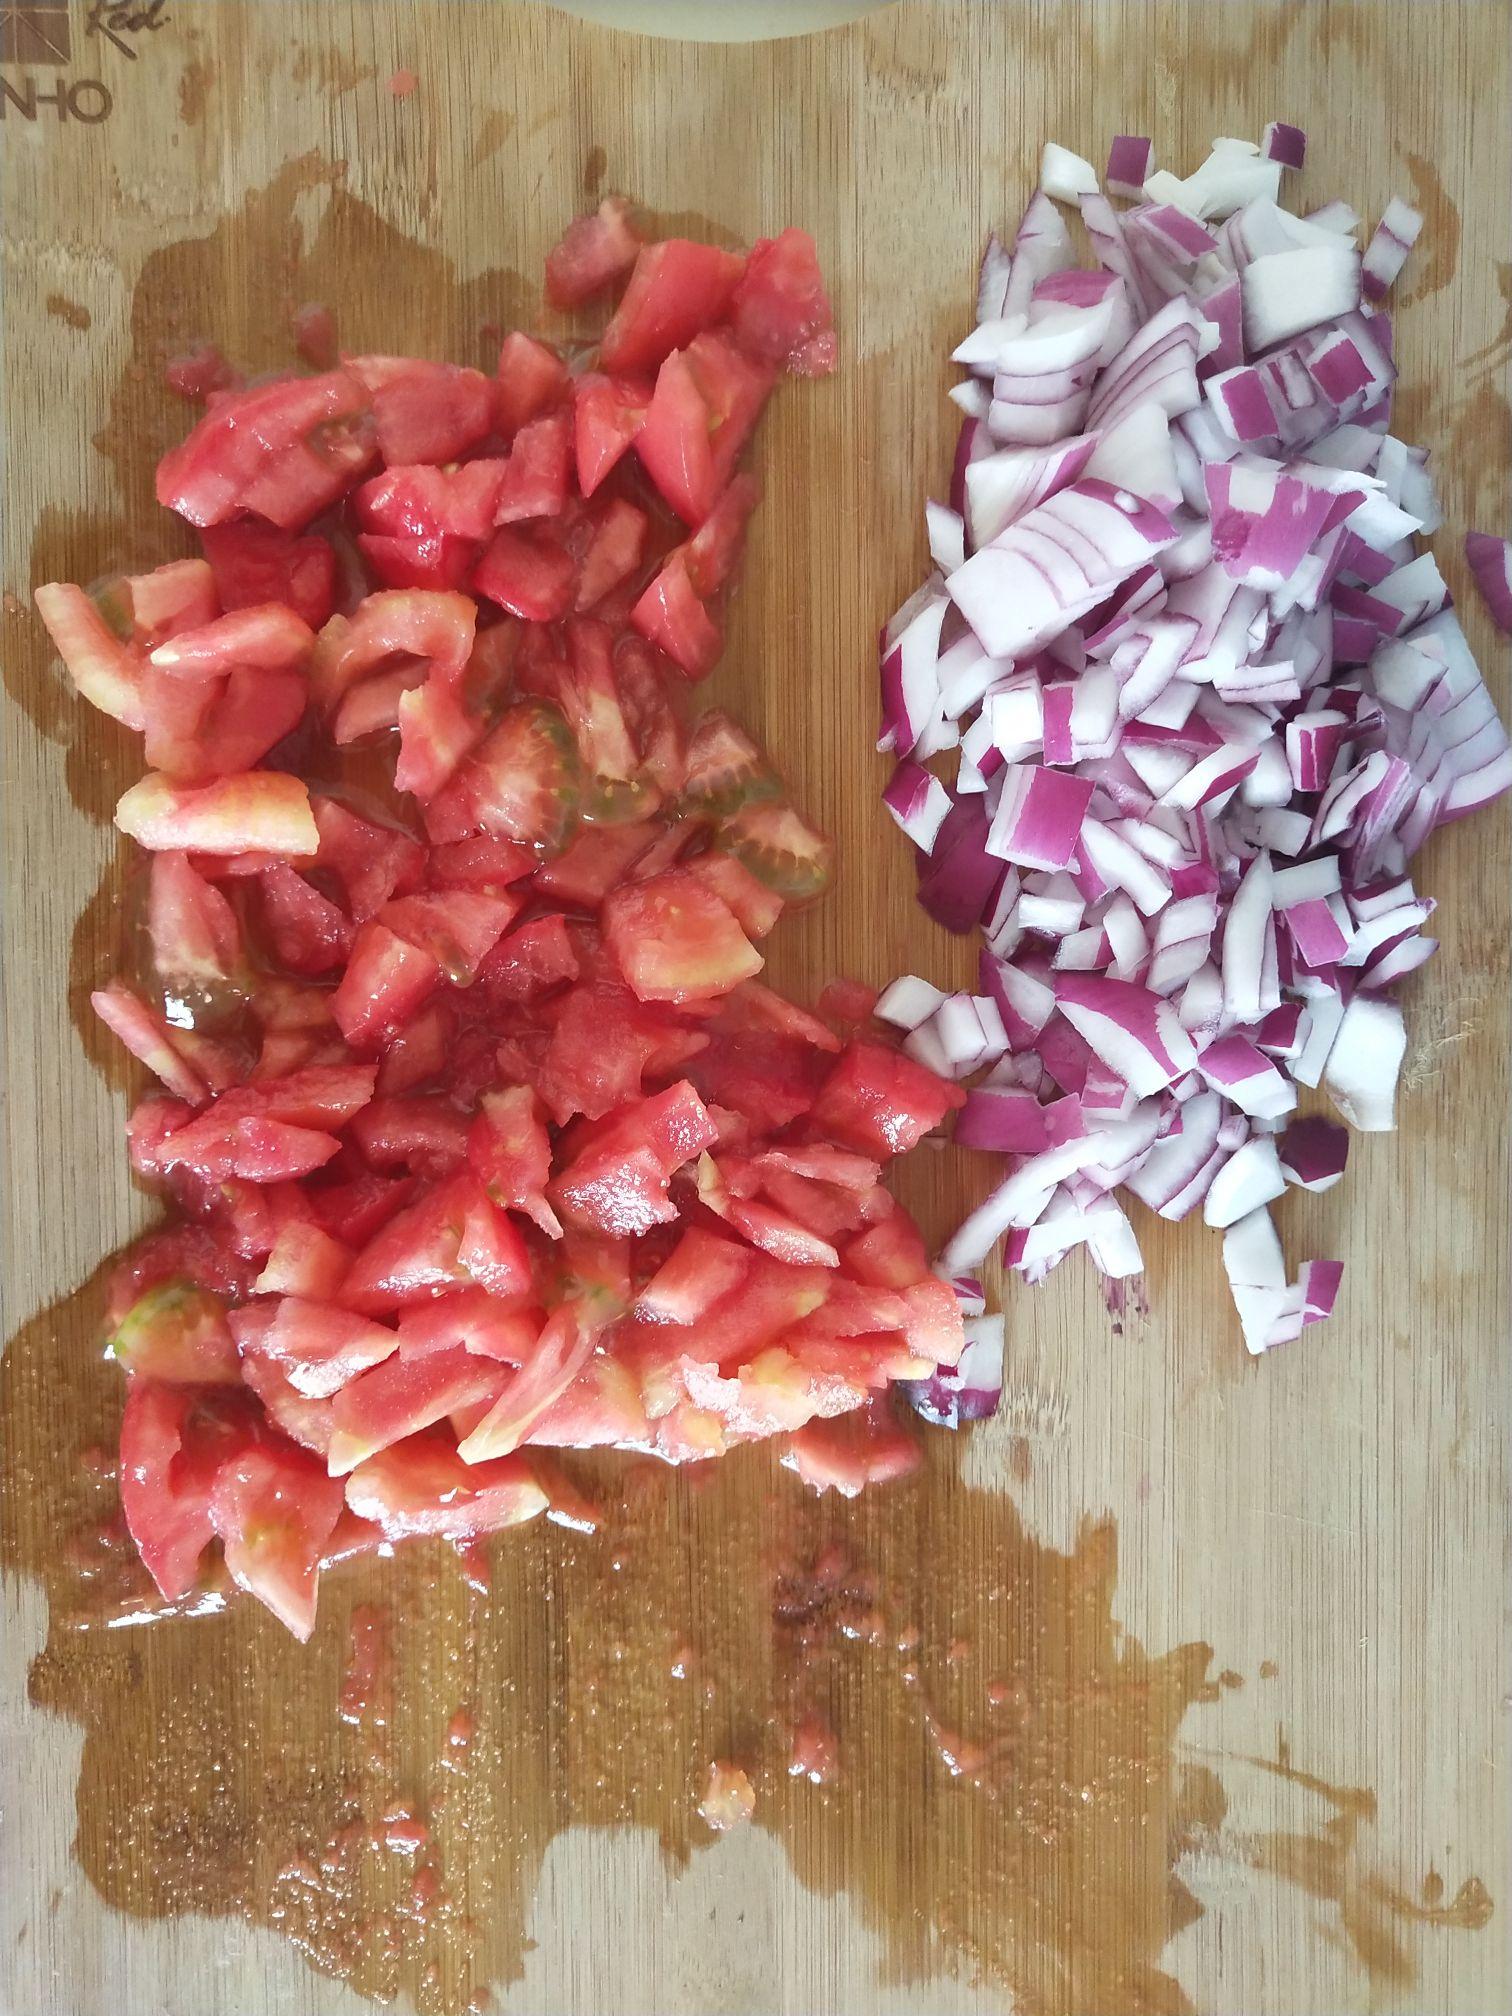 番茄黑椒煎鸡肉的做法图解